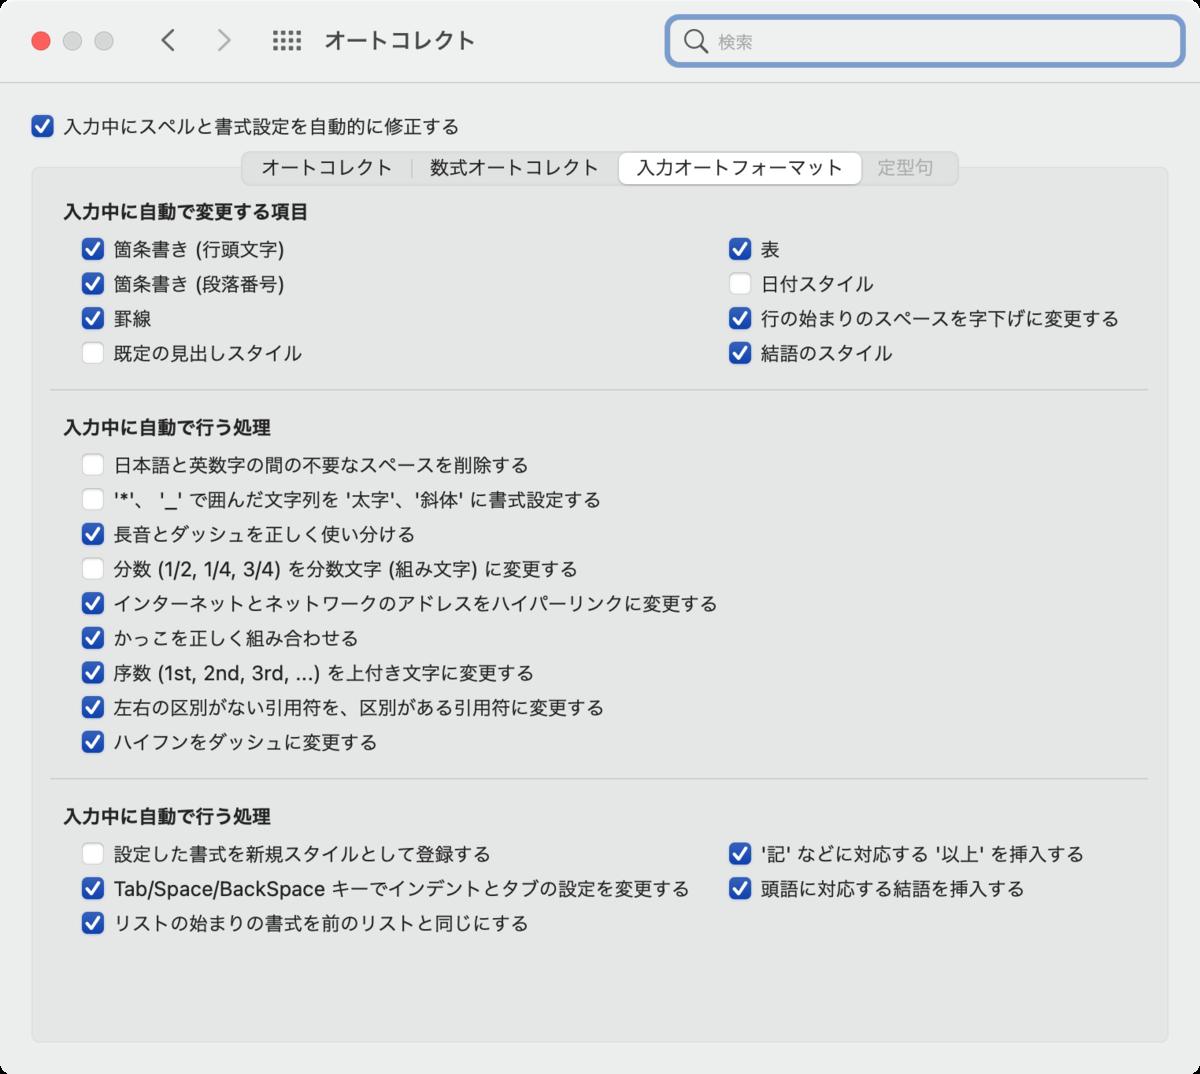 f:id:wanichan:20210606081545p:plain